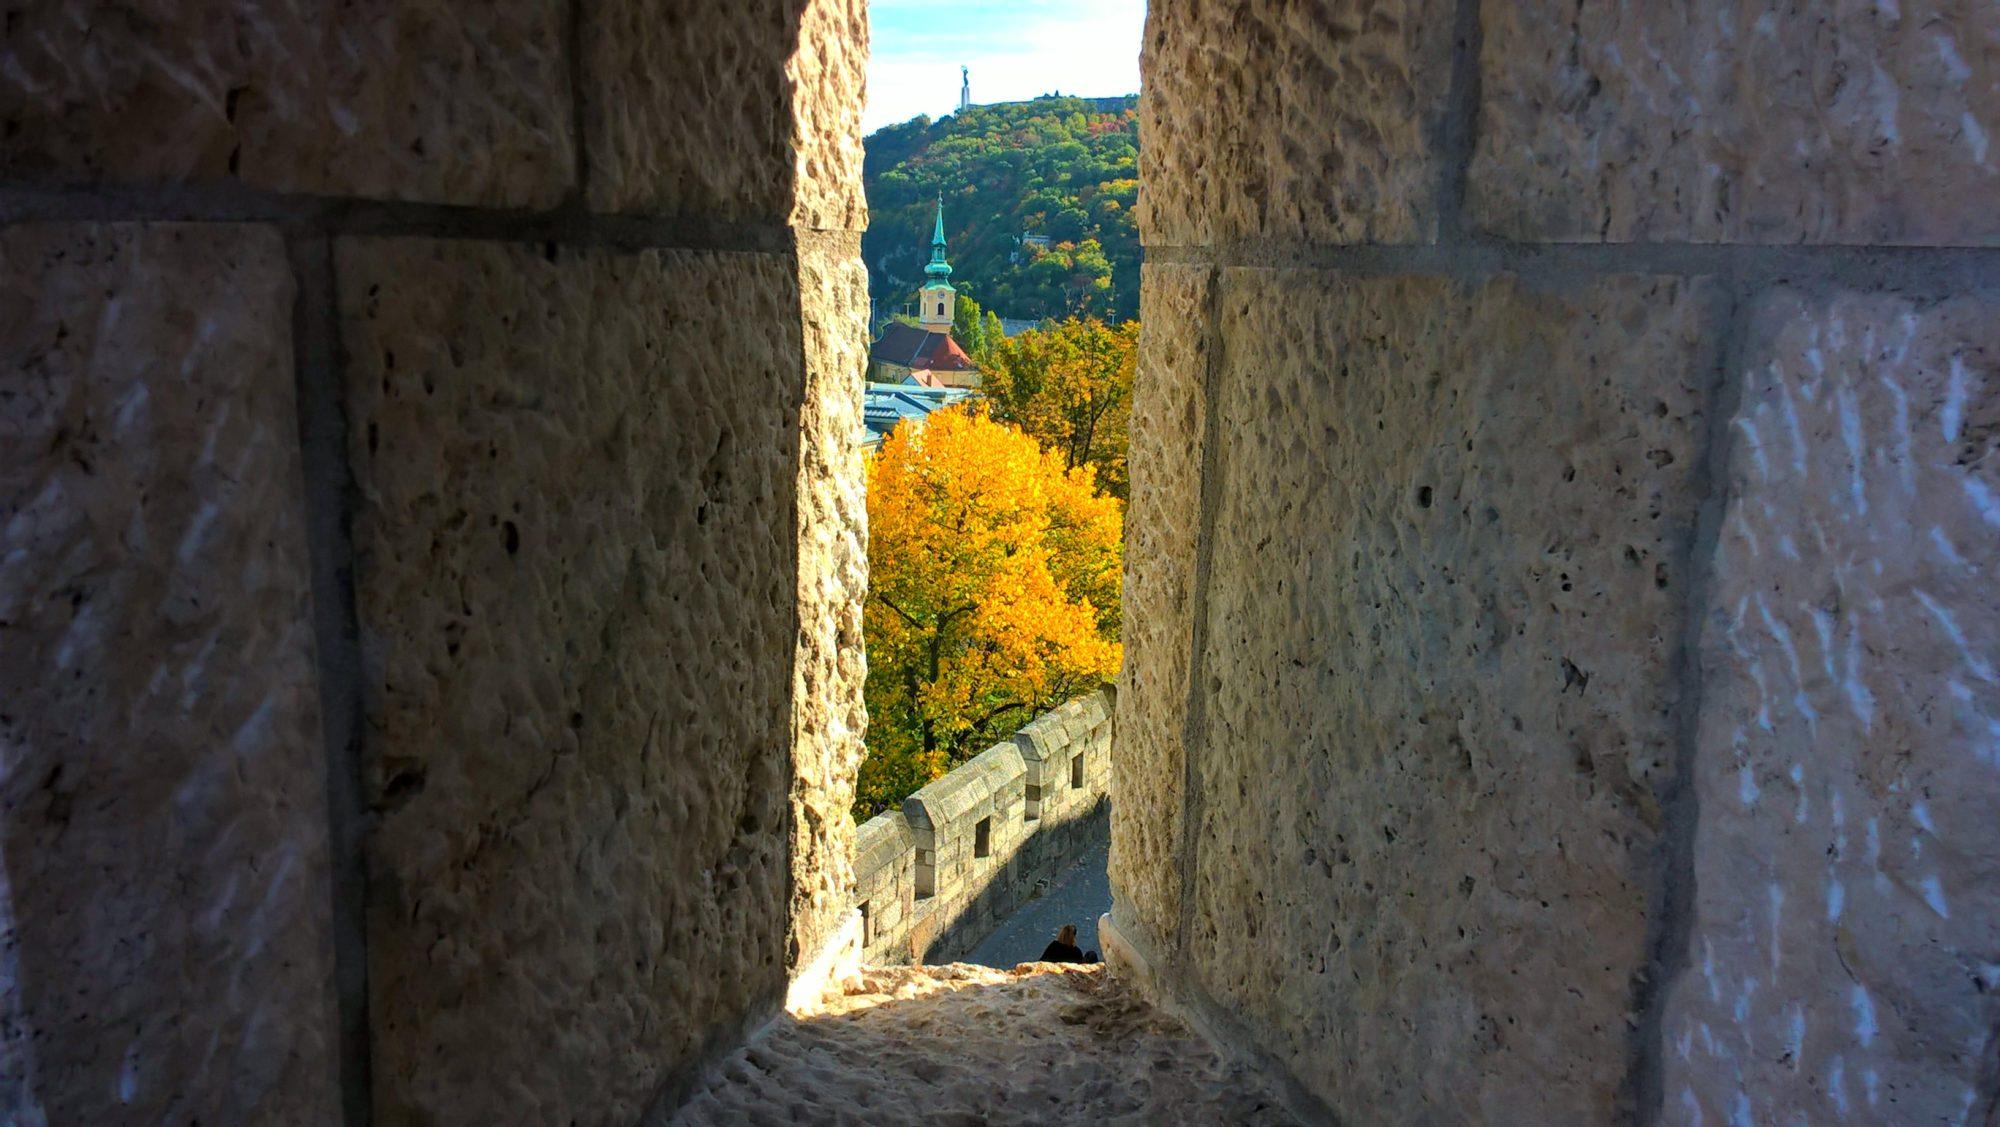 Vista del Monumento de la Liberación que conmemora el fin de la Ocupación Alemana en Hungría, a través de la ventana del Castillo de Buda.